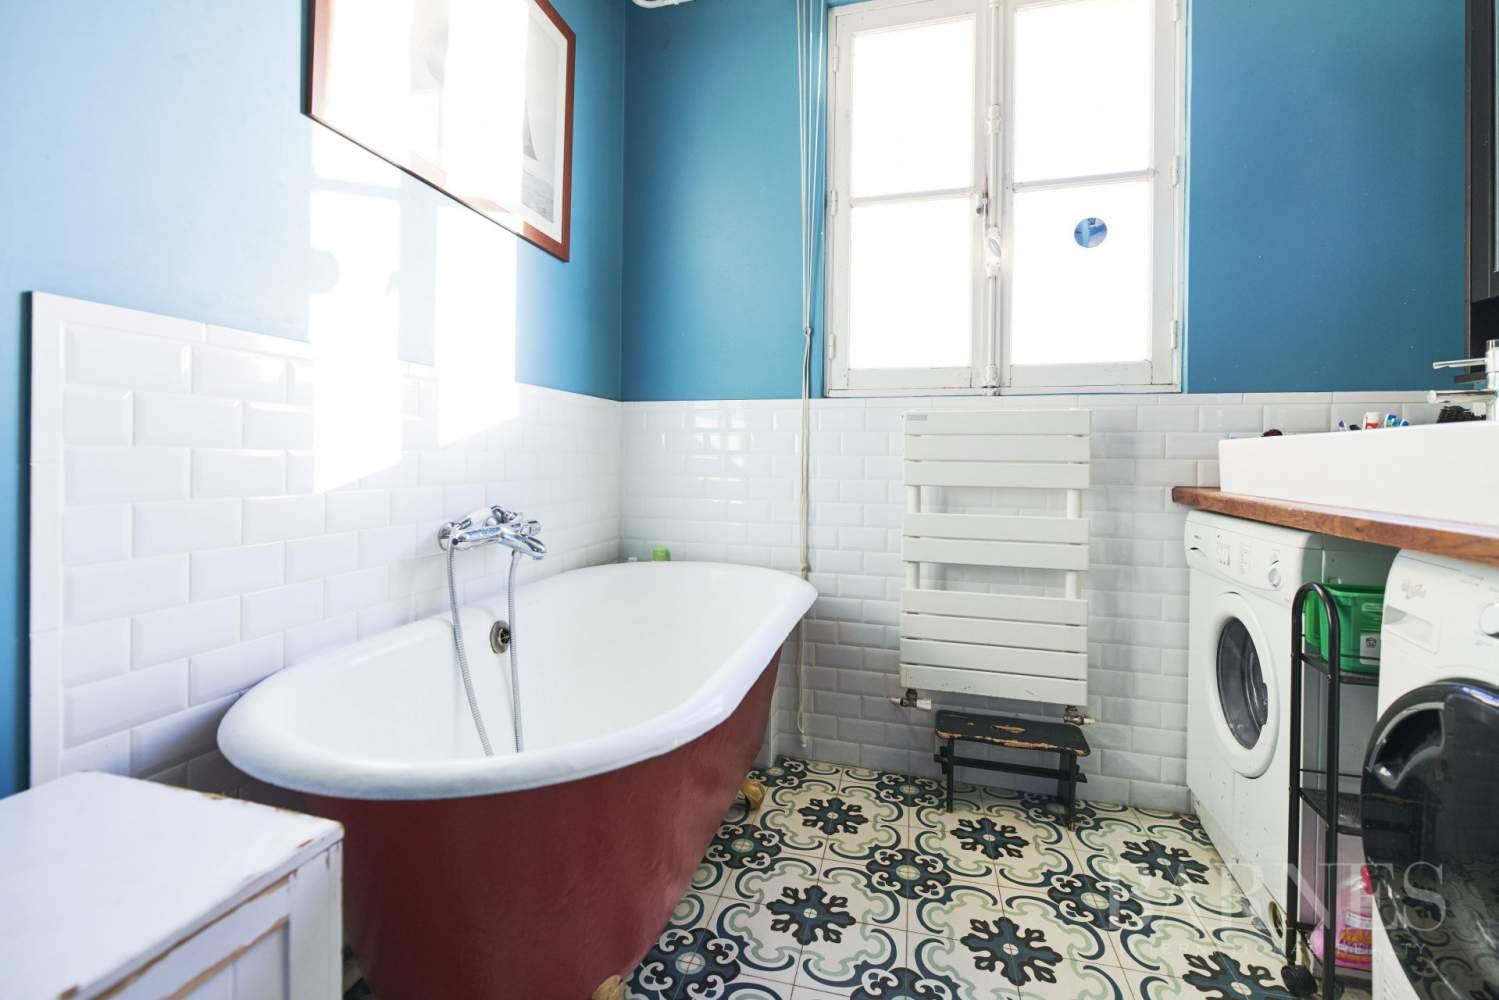 Exclusivité - Boulogne Escudier - Dernier étage - 95m² carrez (117m² habitables) picture 7